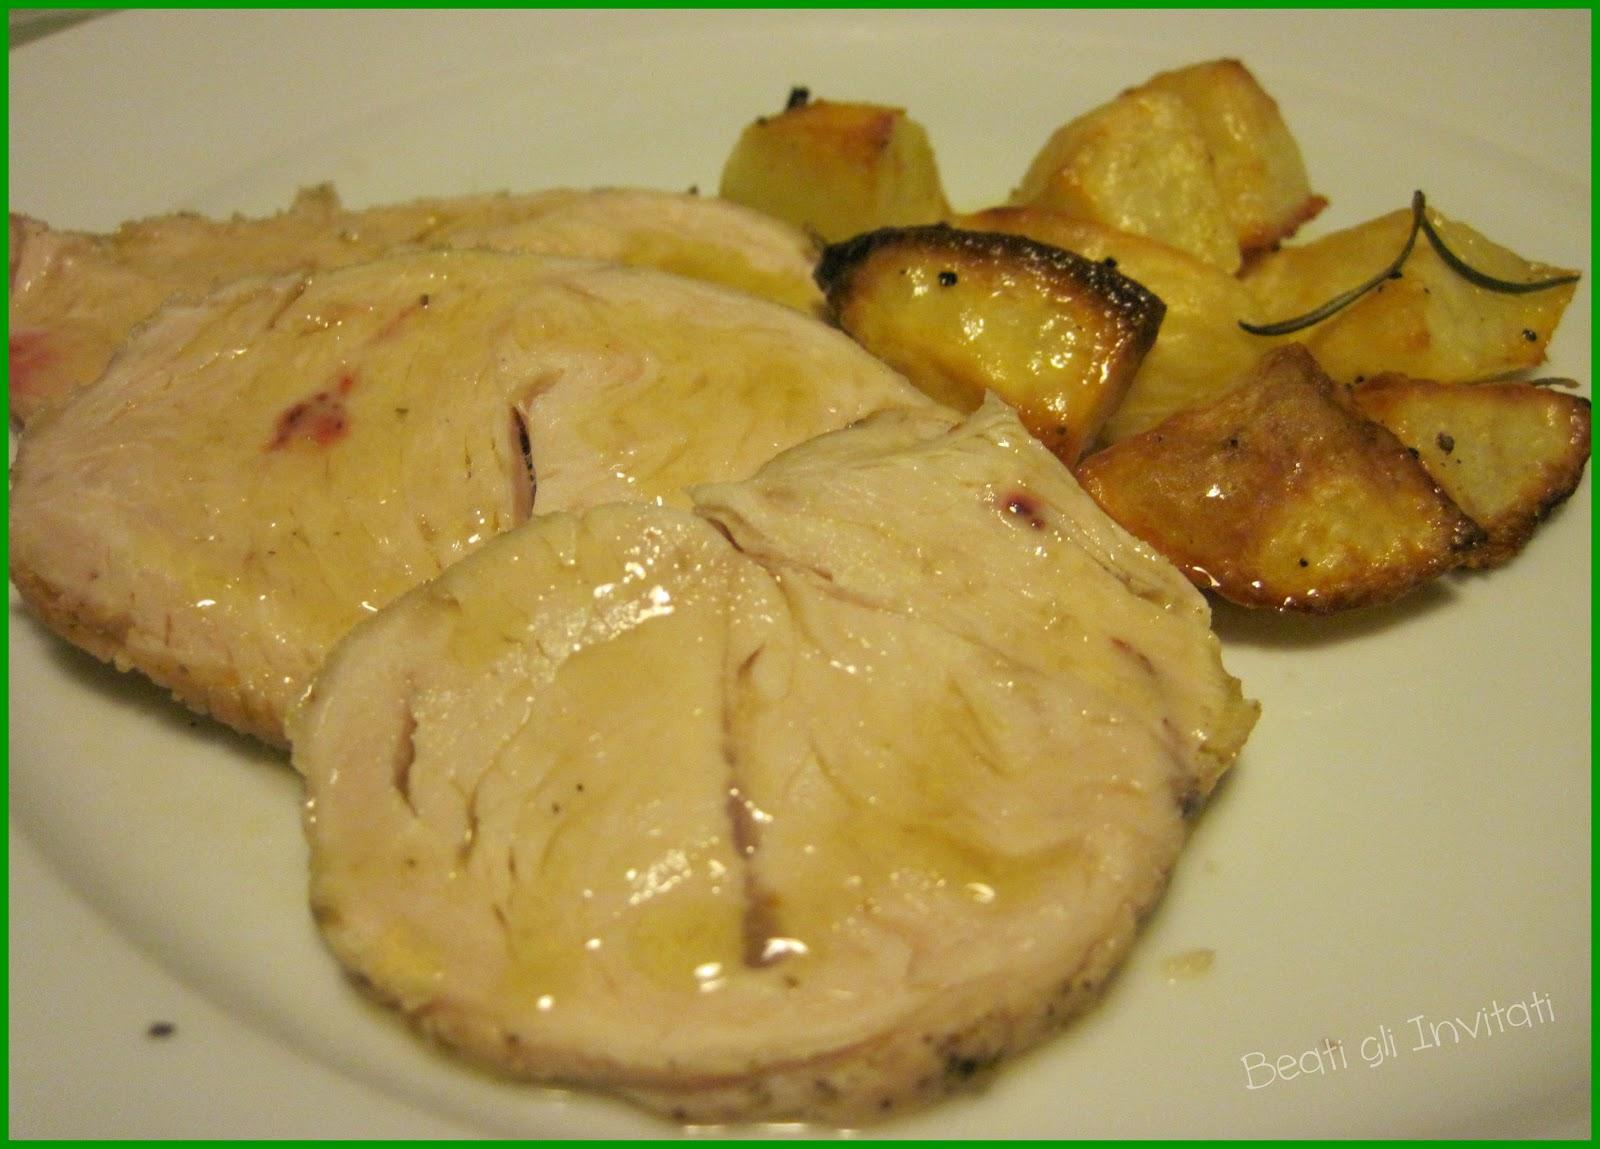 Beati gli Invitati: Arrosto di tacchino con patate al forno